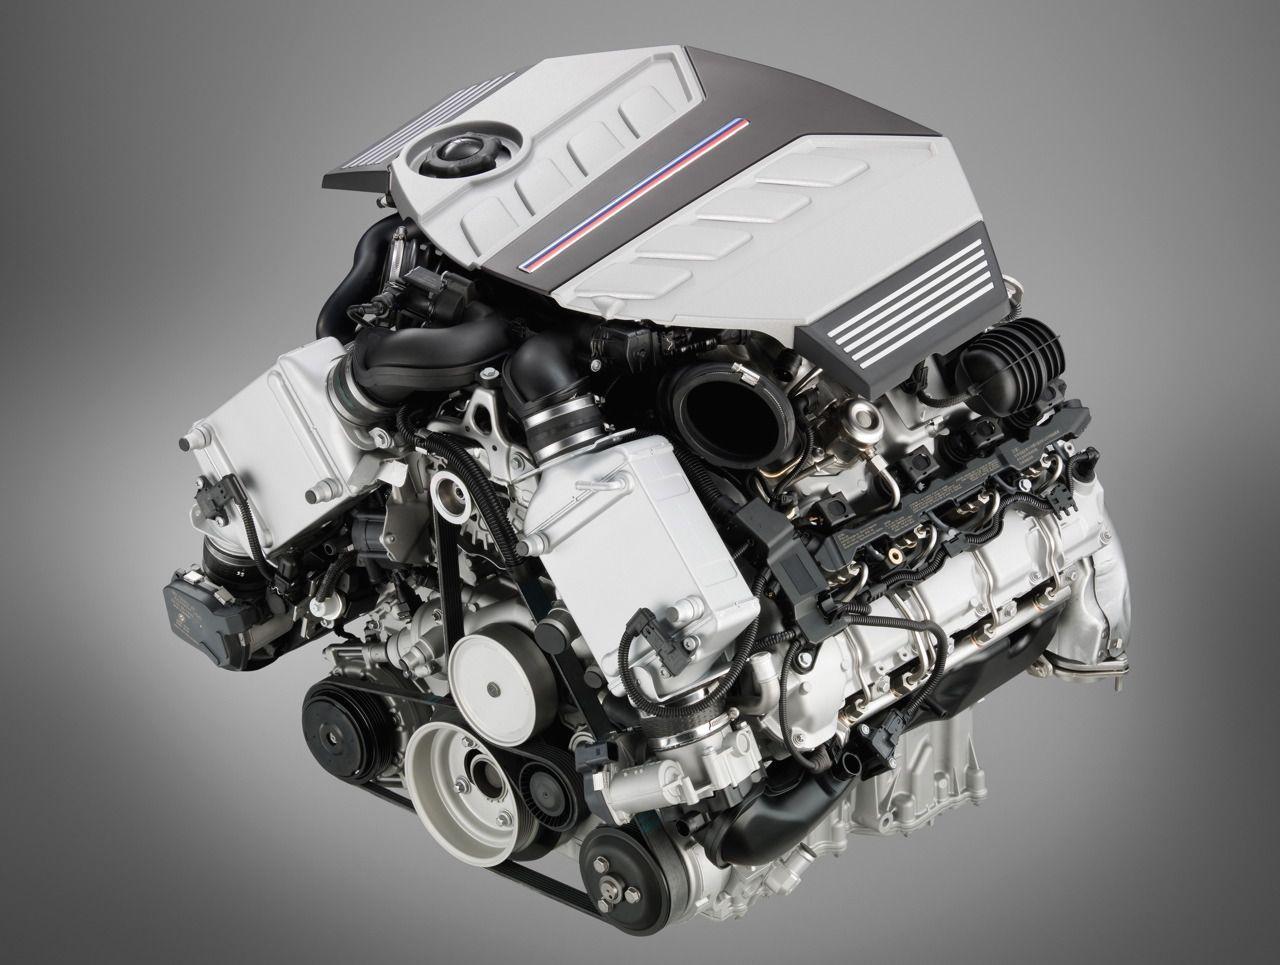 bmw x6m engine [ 1280 x 965 Pixel ]